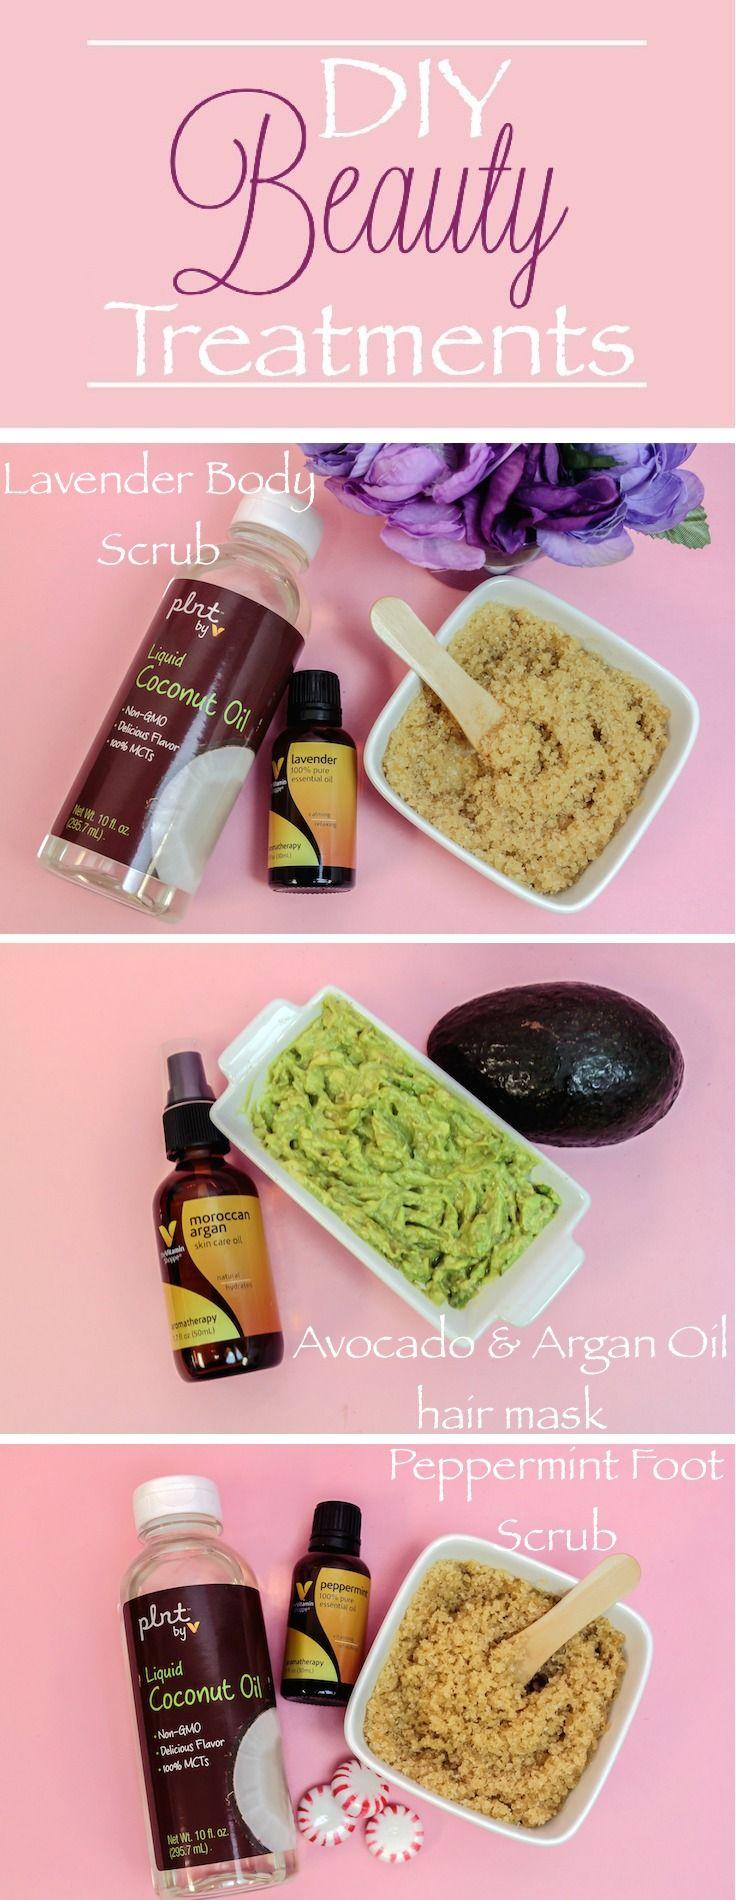 Easy DIY Hair Mask and Body Scrub Recipes